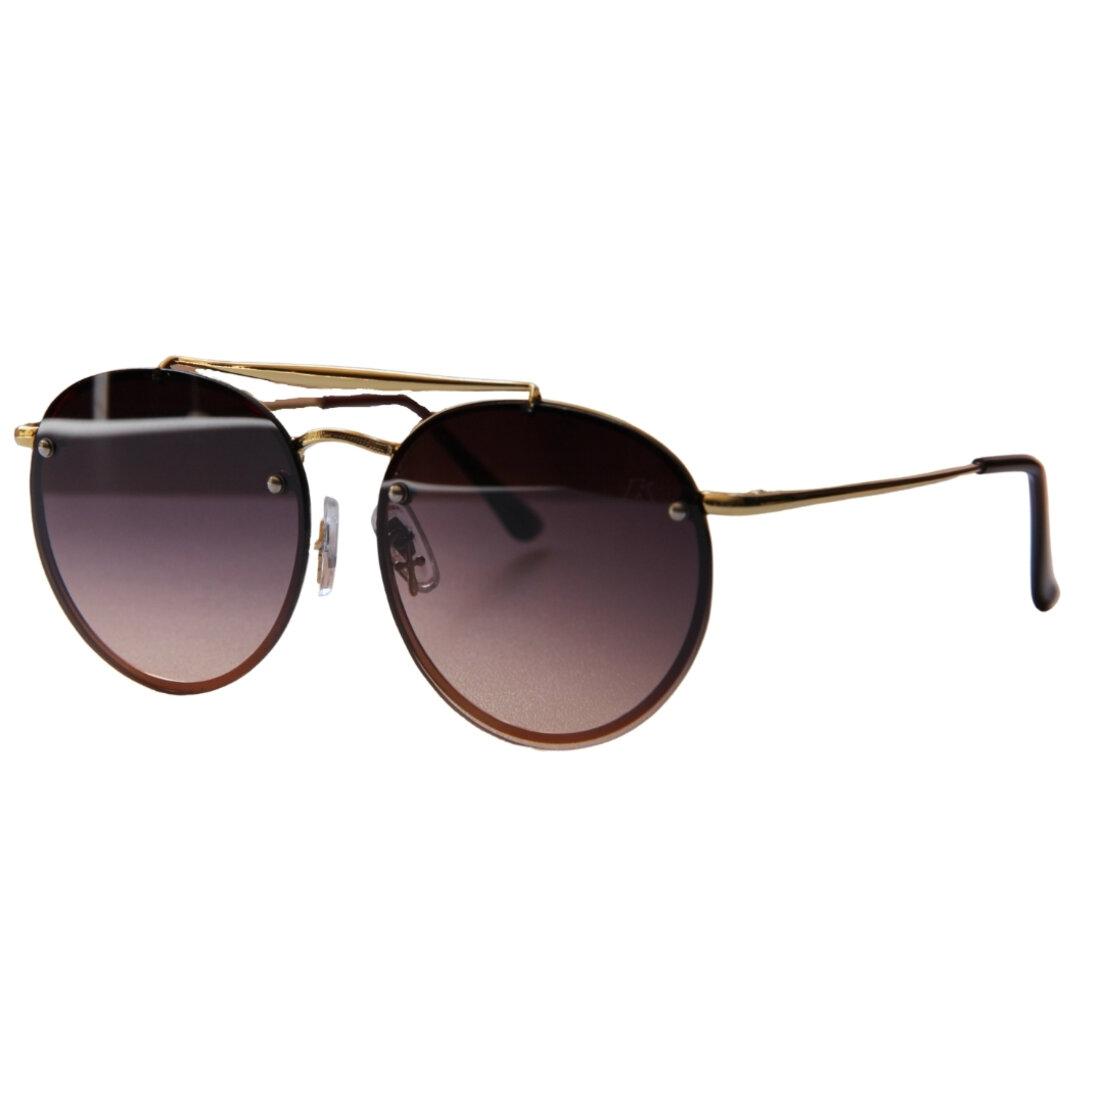 OUTLET - Óculos de Sol Khatto Caçador - Colorido